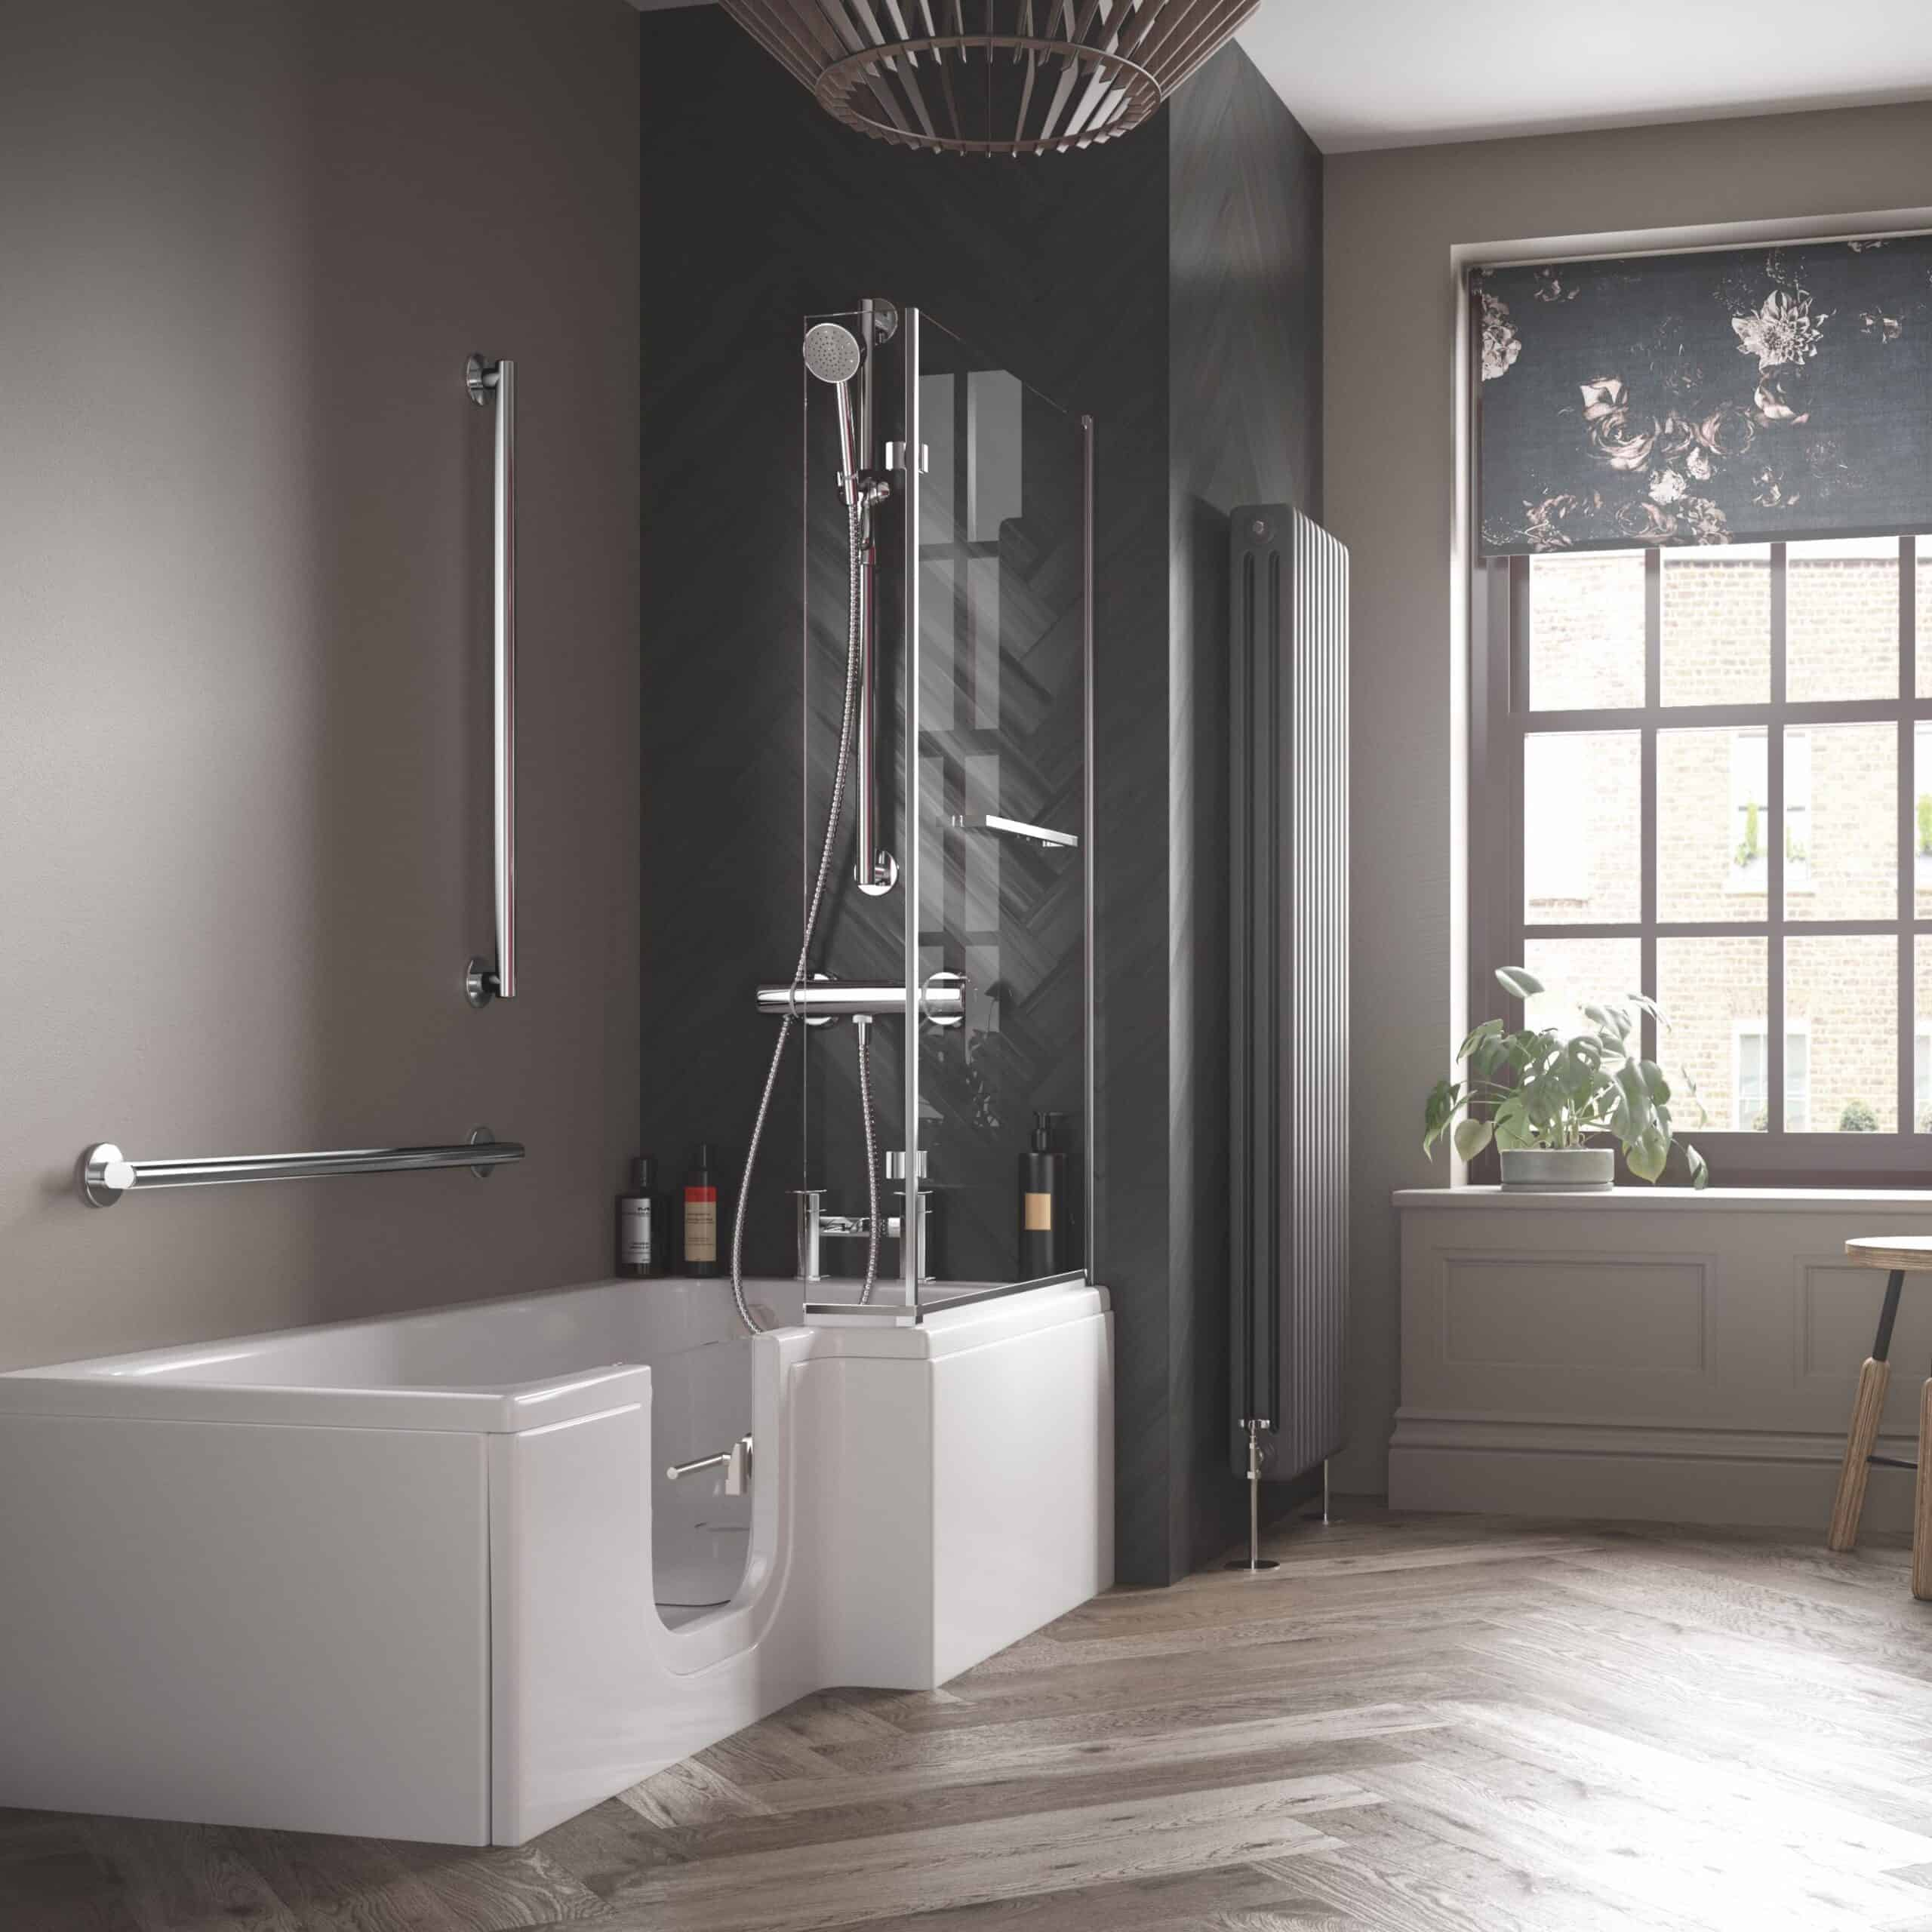 L Shaped Solarna Walk-In Bath in a dark styled bathroom